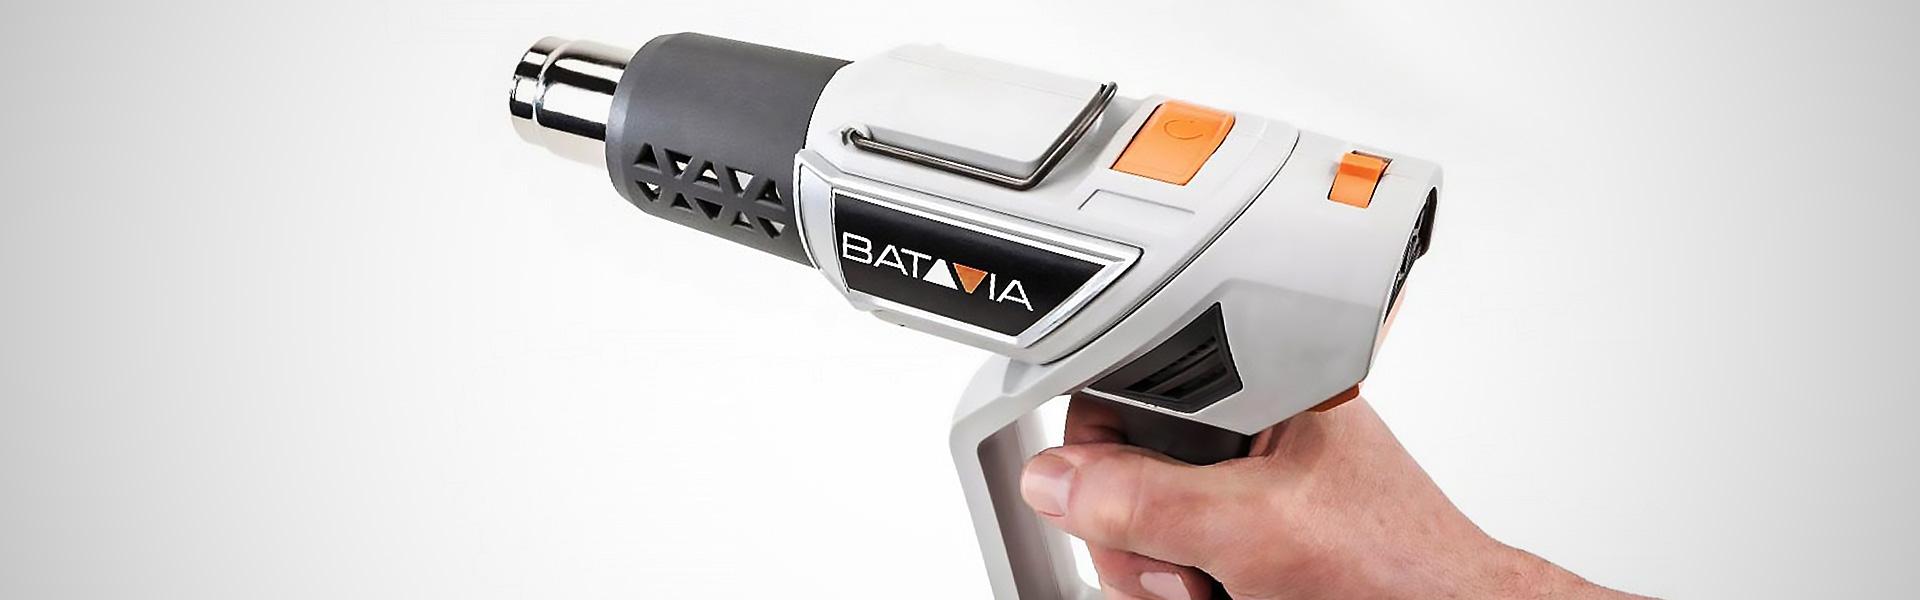 Batavia Weedkiller 6